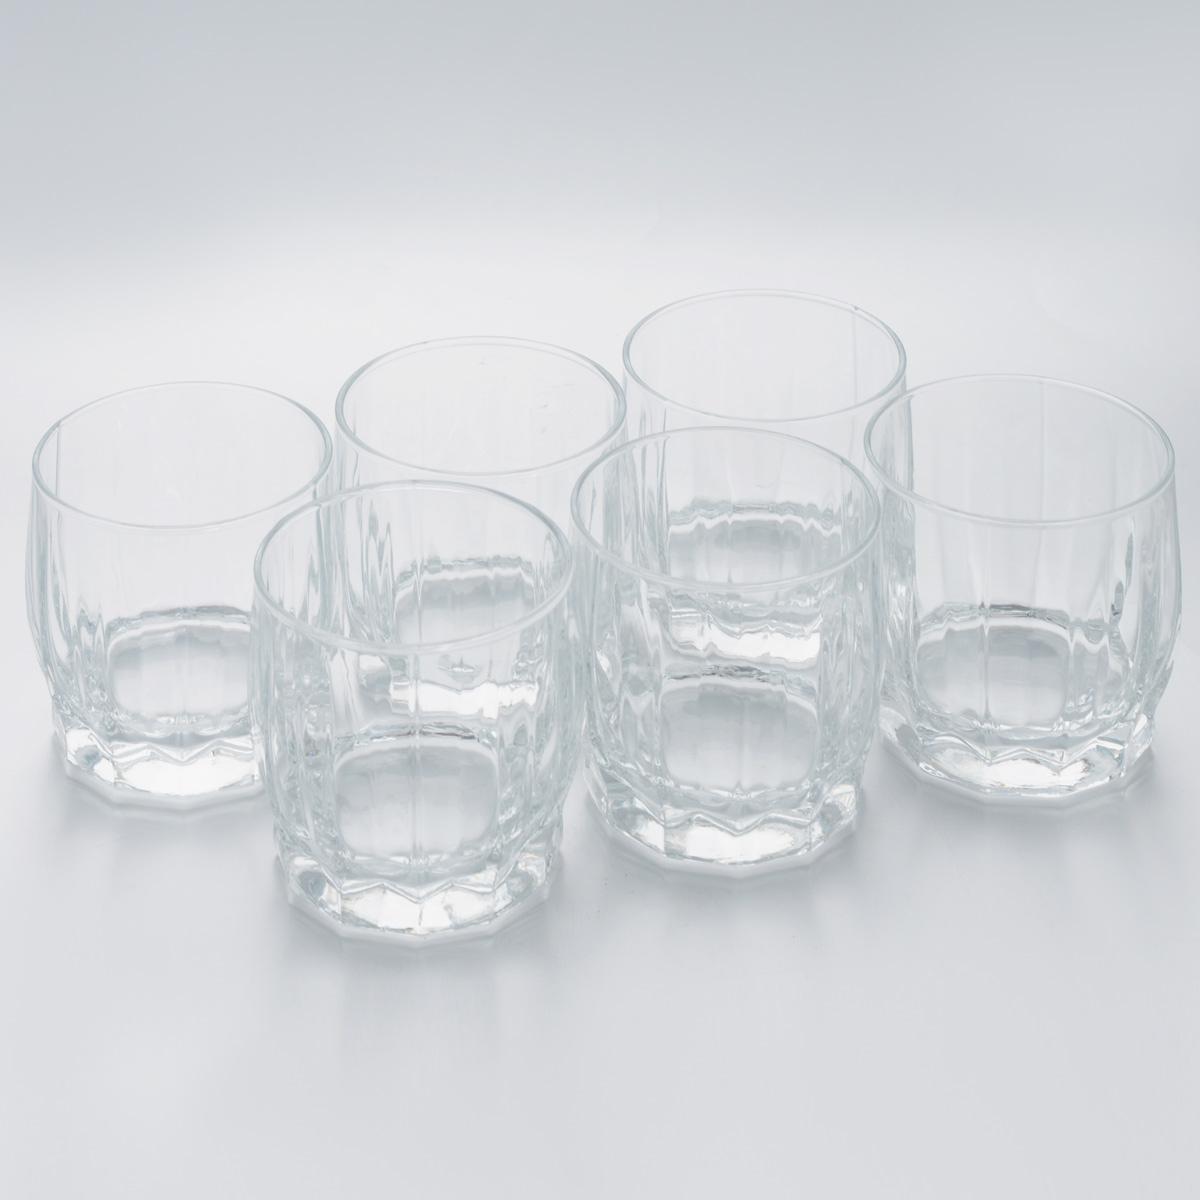 Набор стаканов Pasabahce Dance, 290 мл, 6 шт42865/Набор Pasabahce Dance состоит из шести стаканов, выполненных из закаленного натрий-кальций-силикатного стекла. Низкие граненые стаканы с широким горлышком предназначены для подачи воды, сока, компота и других напитков. Стаканы сочетают в себе элегантный дизайн и функциональность. Набор стаканов Pasabahce Dance идеально подойдет для сервировки стола и станет отличным подарком к любому празднику. Можно использовать в морозильной камере и микроволновой печи. Можно мыть в посудомоечной машине. Диаметр стакана (по верхнему краю): 7,5 см. Высота стакана: 8,5 см.